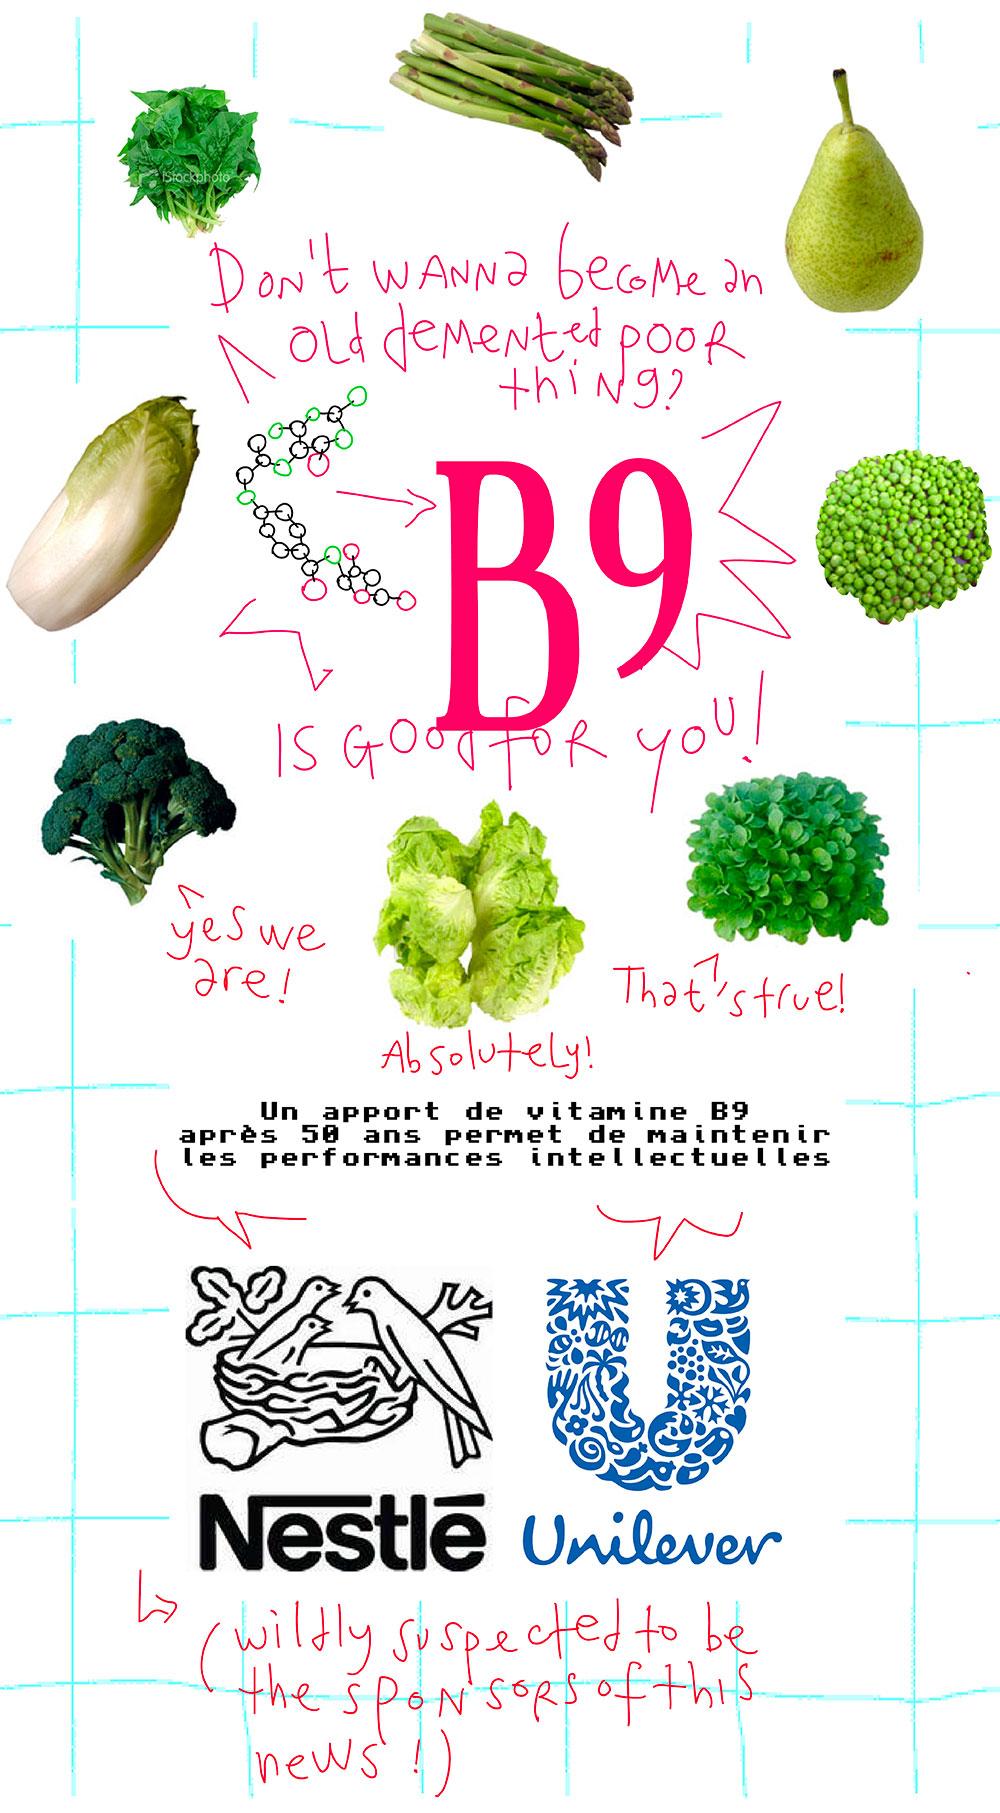 La vitamine B9 c'est fantastique